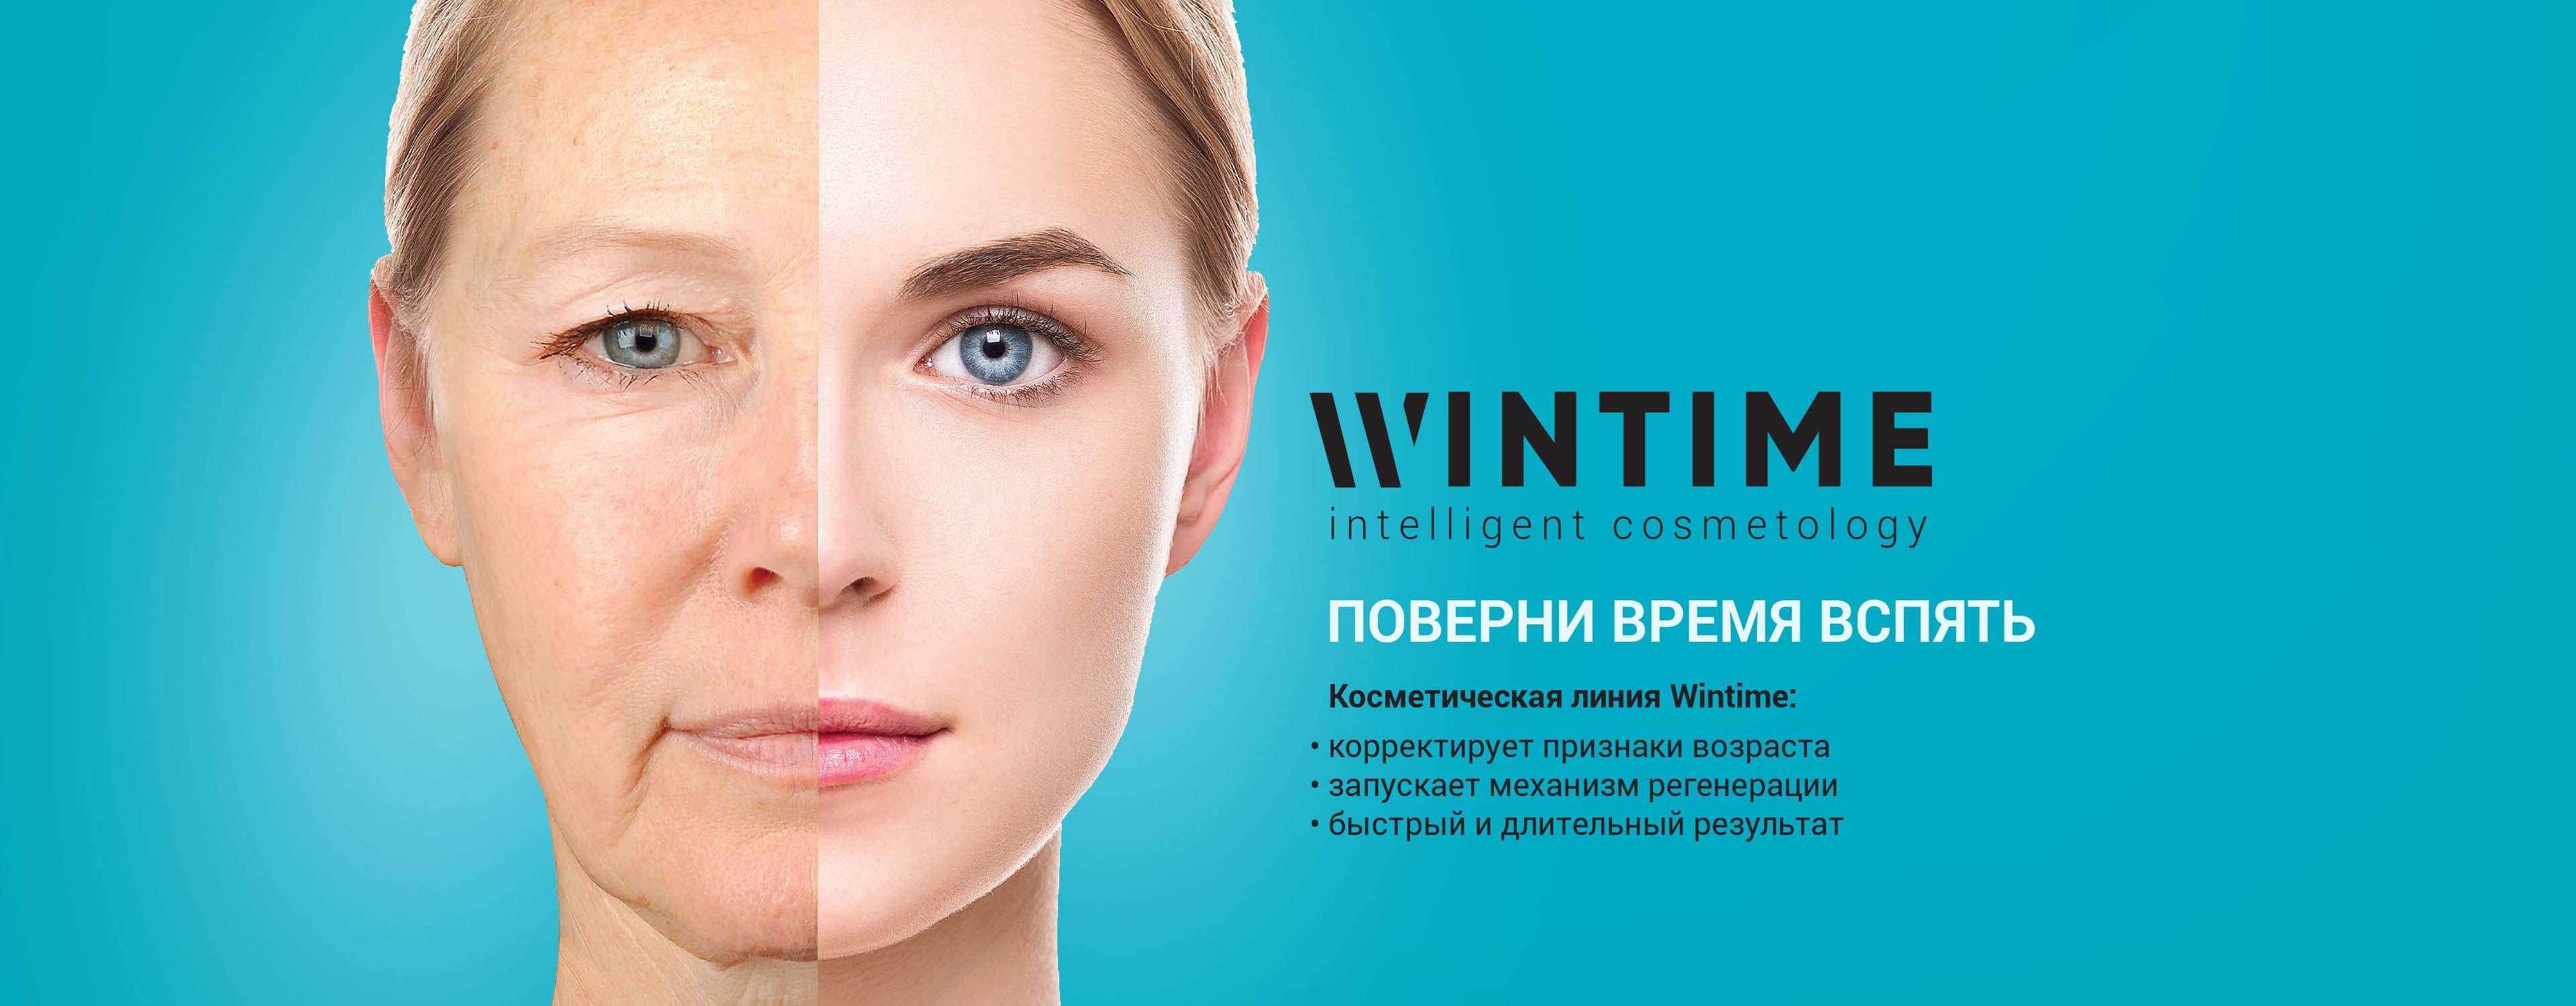 wintime_v2